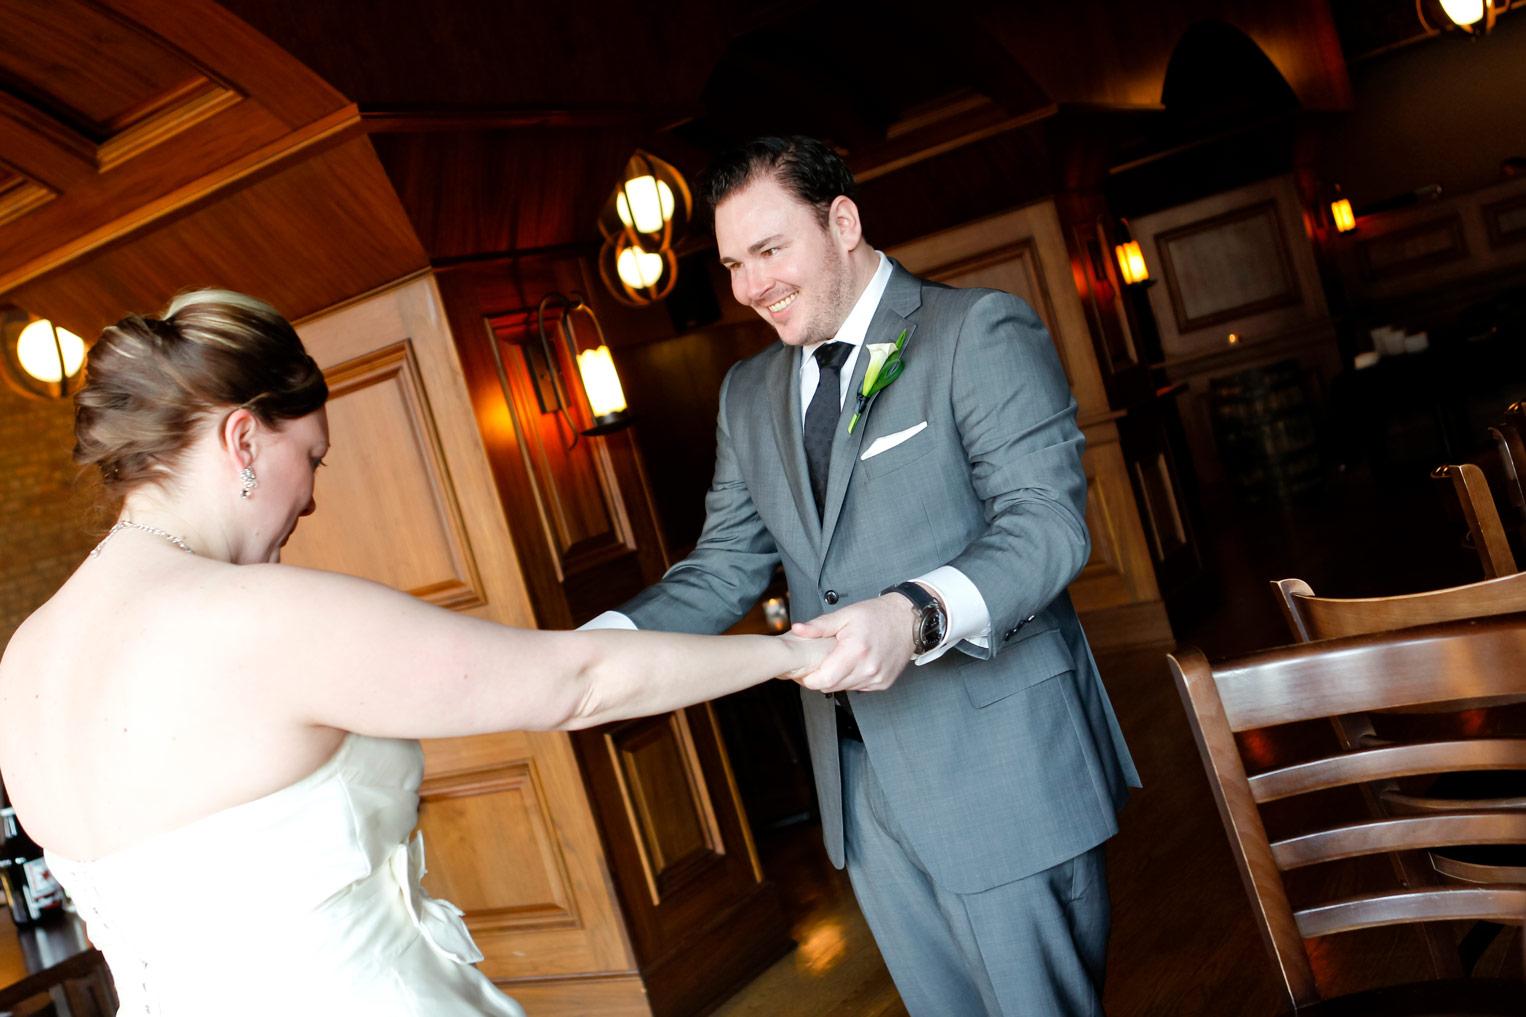 revolution-brewing-chicago-blackhawks-wedding-ruthie-hauge-photography-33.jpg